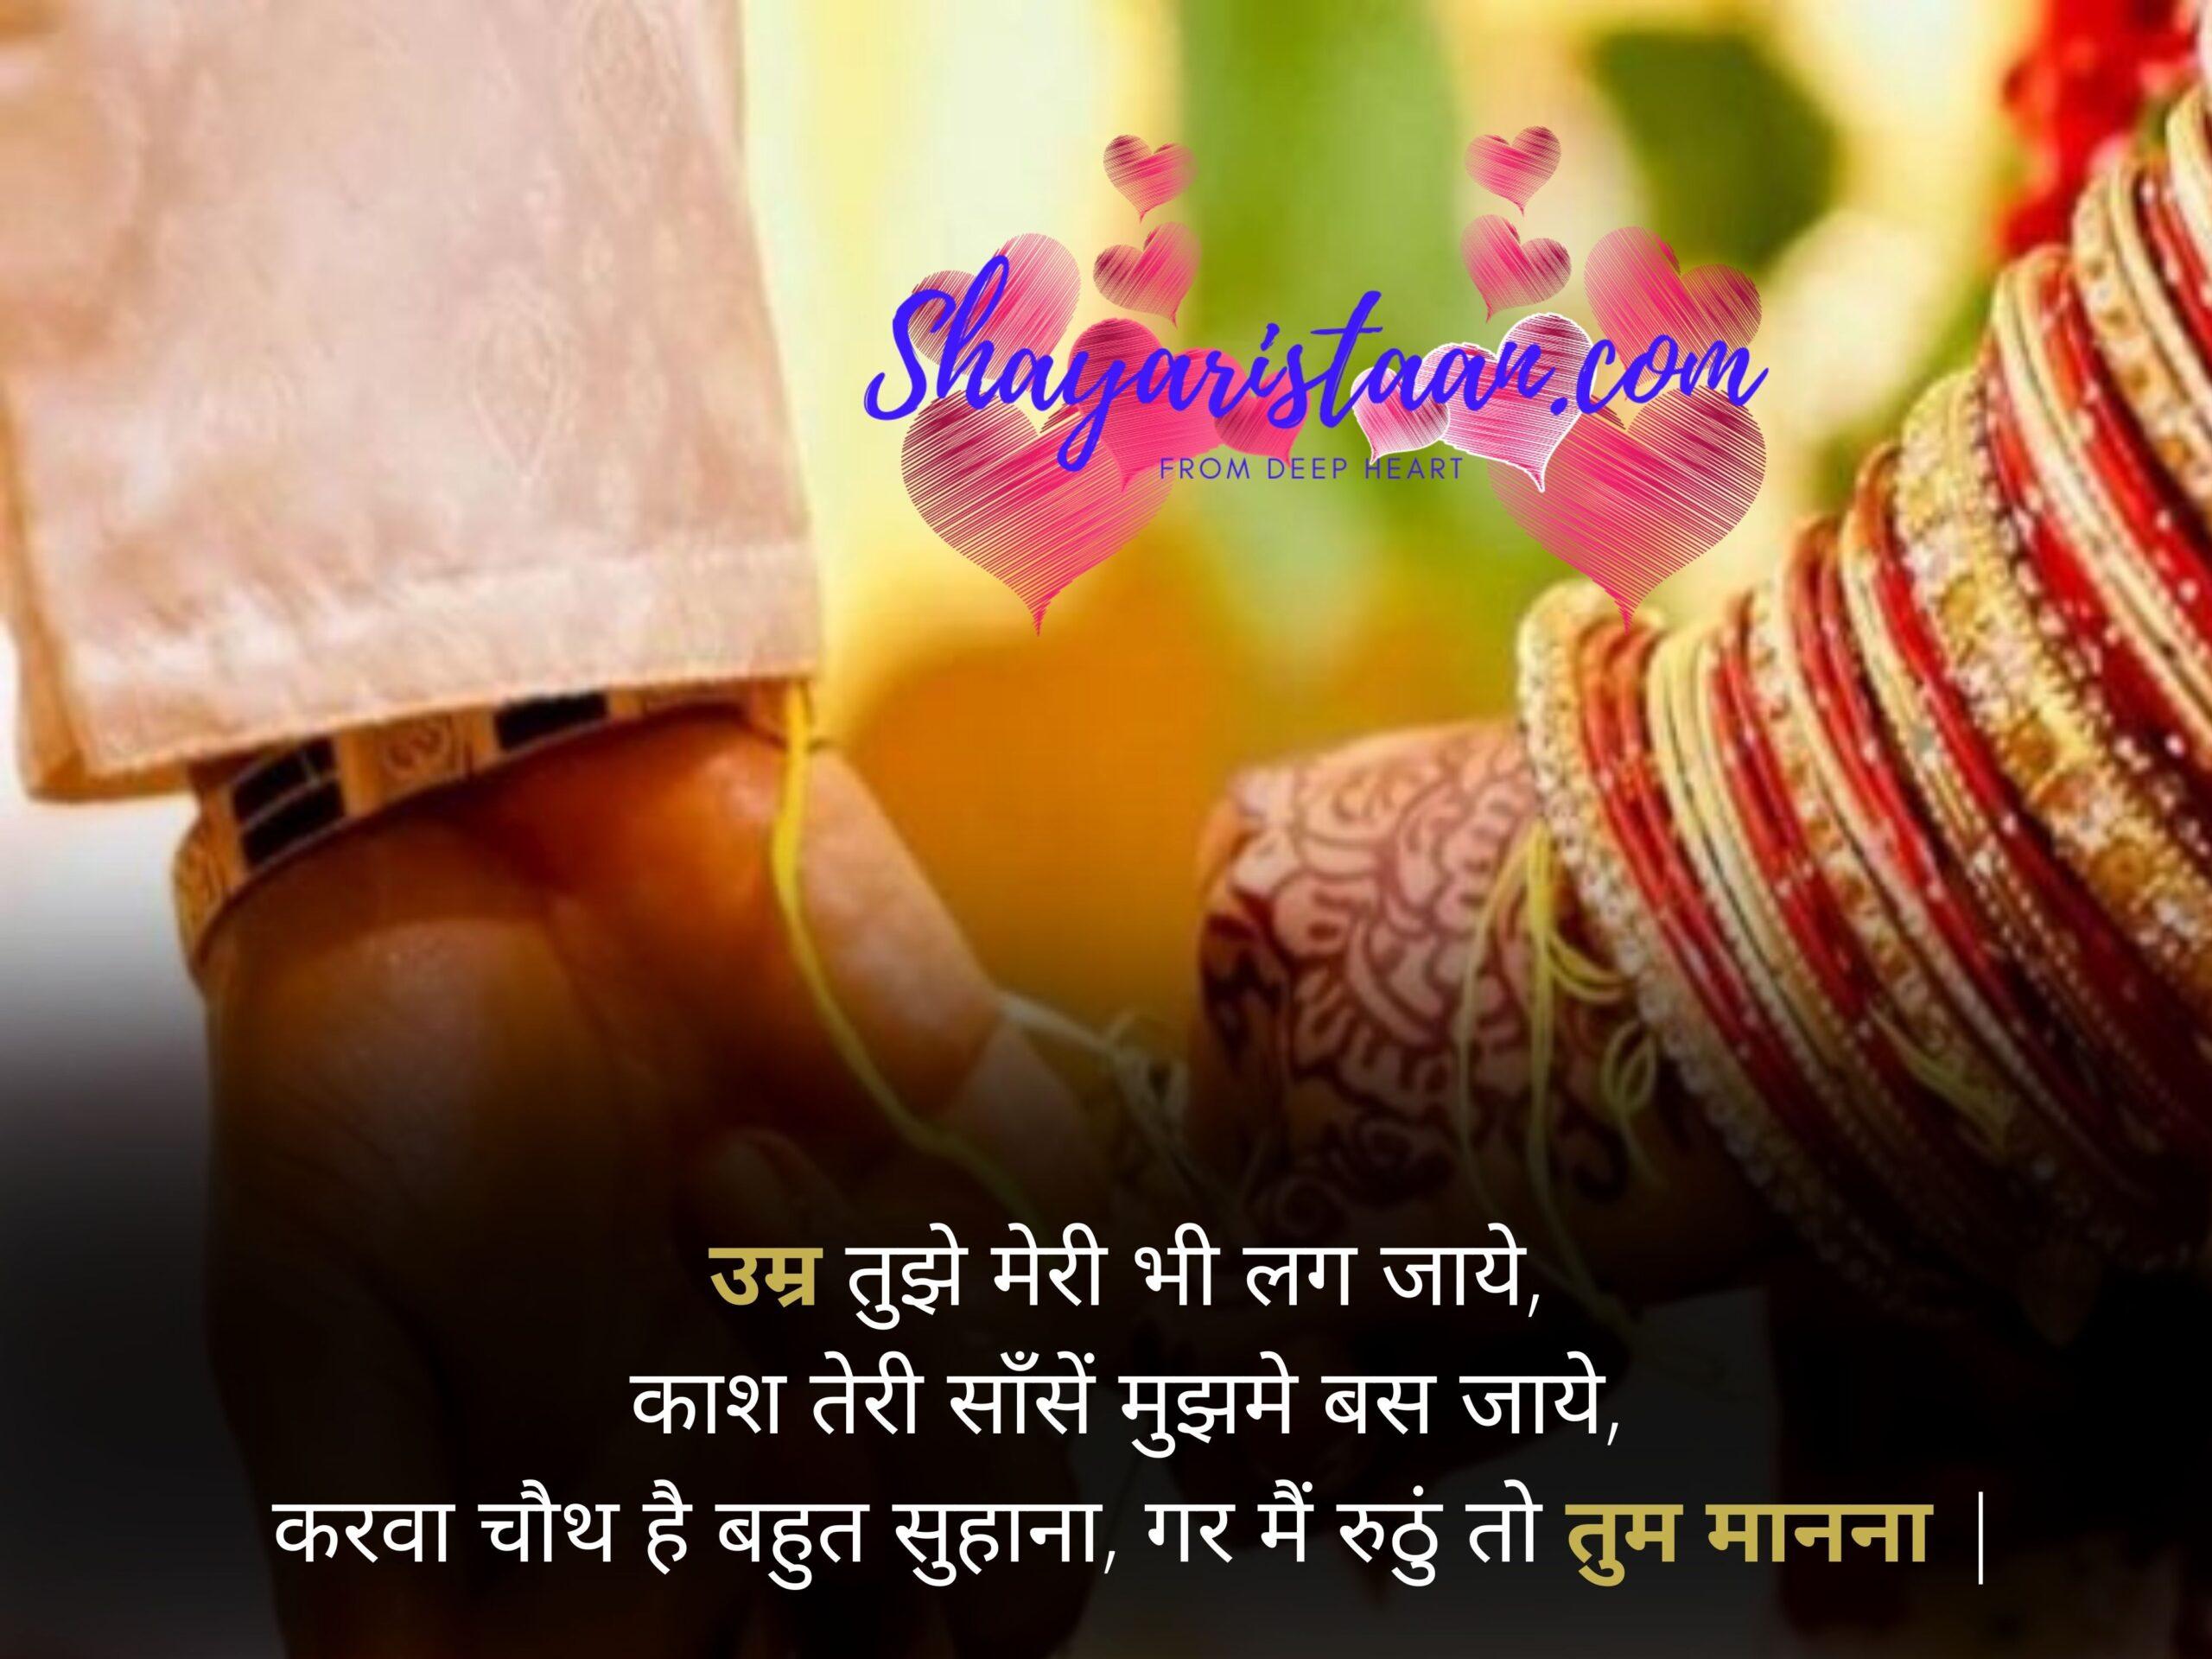 karwa chauth greetings   उम्र तुझे मेरी भी लग जाये, काश तेरी साँसें मुझमे बस जाये, करवा चौथ है बहुत सुहाना, गर मैं रुठुं तो तुम मानना  